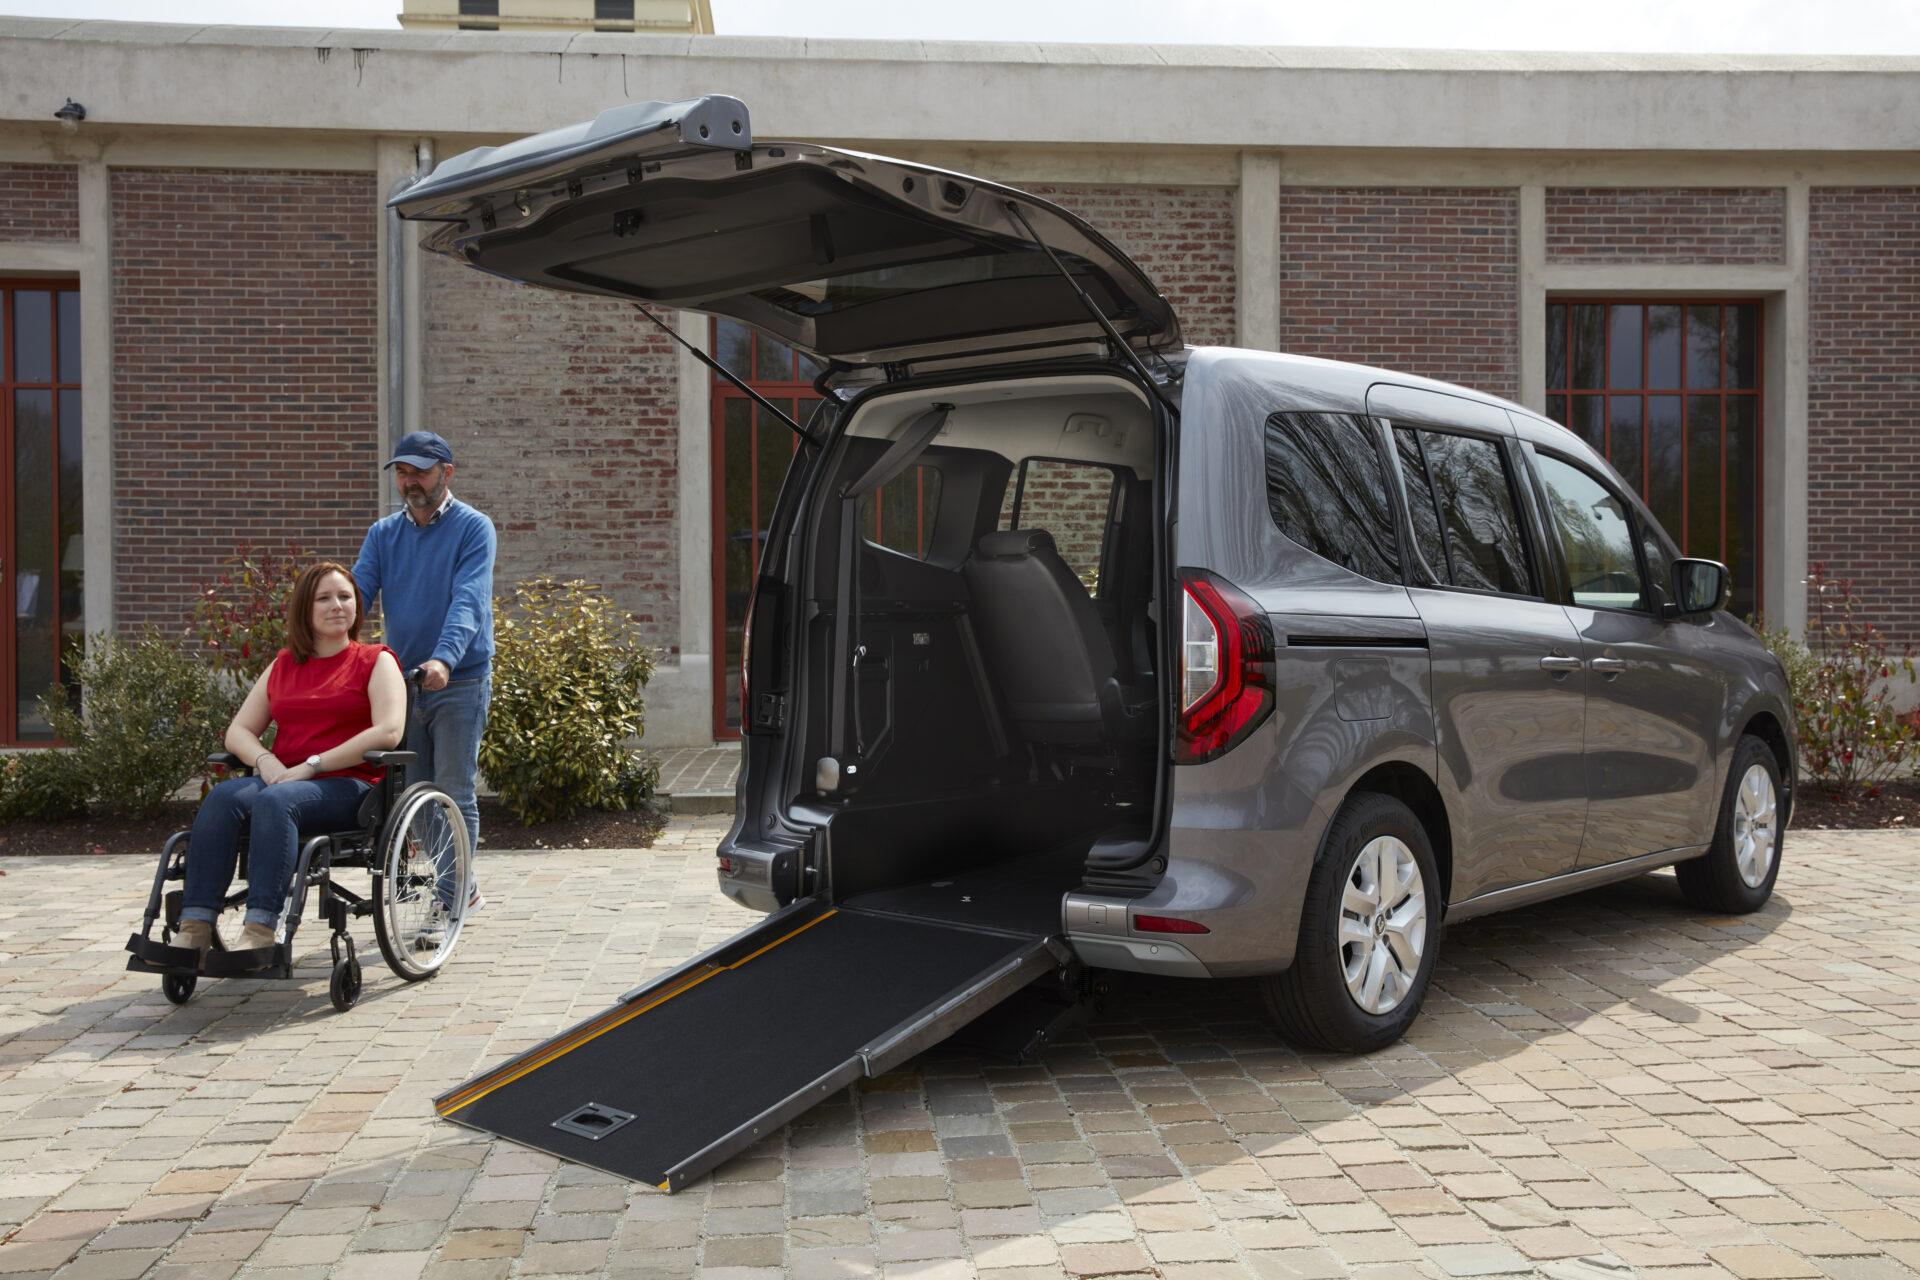 Nuevo Renault Kangoo TPMR 2021: así es la versión adaptada para personas con movilidad reducida